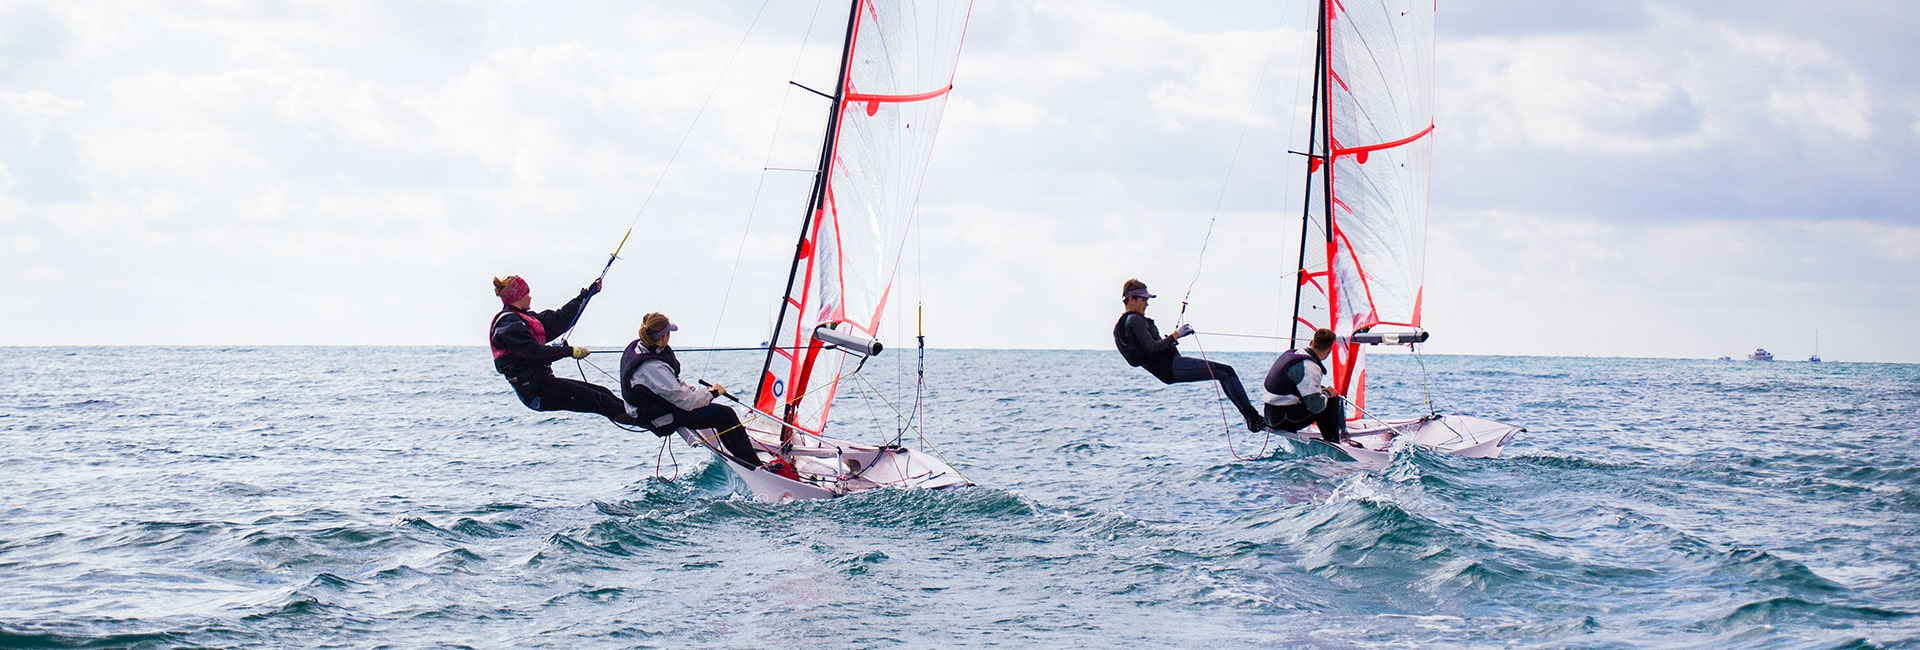 North American Sailing Championships